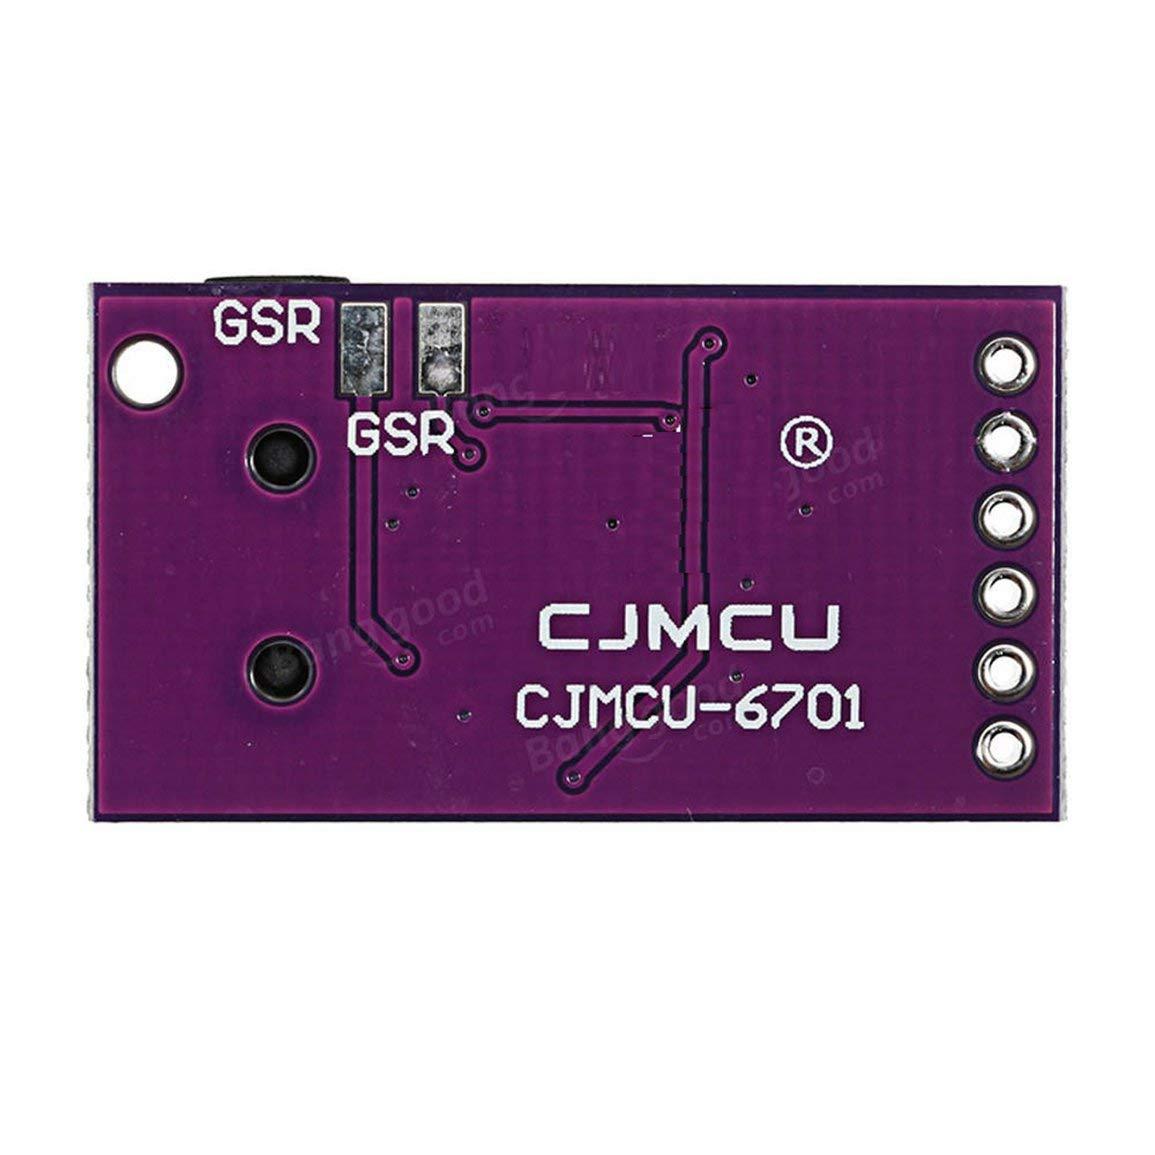 Garciadia Cjmcu 6701 GSR Haut Sensor Modul Analog SPI 3.3V/5V fr ...